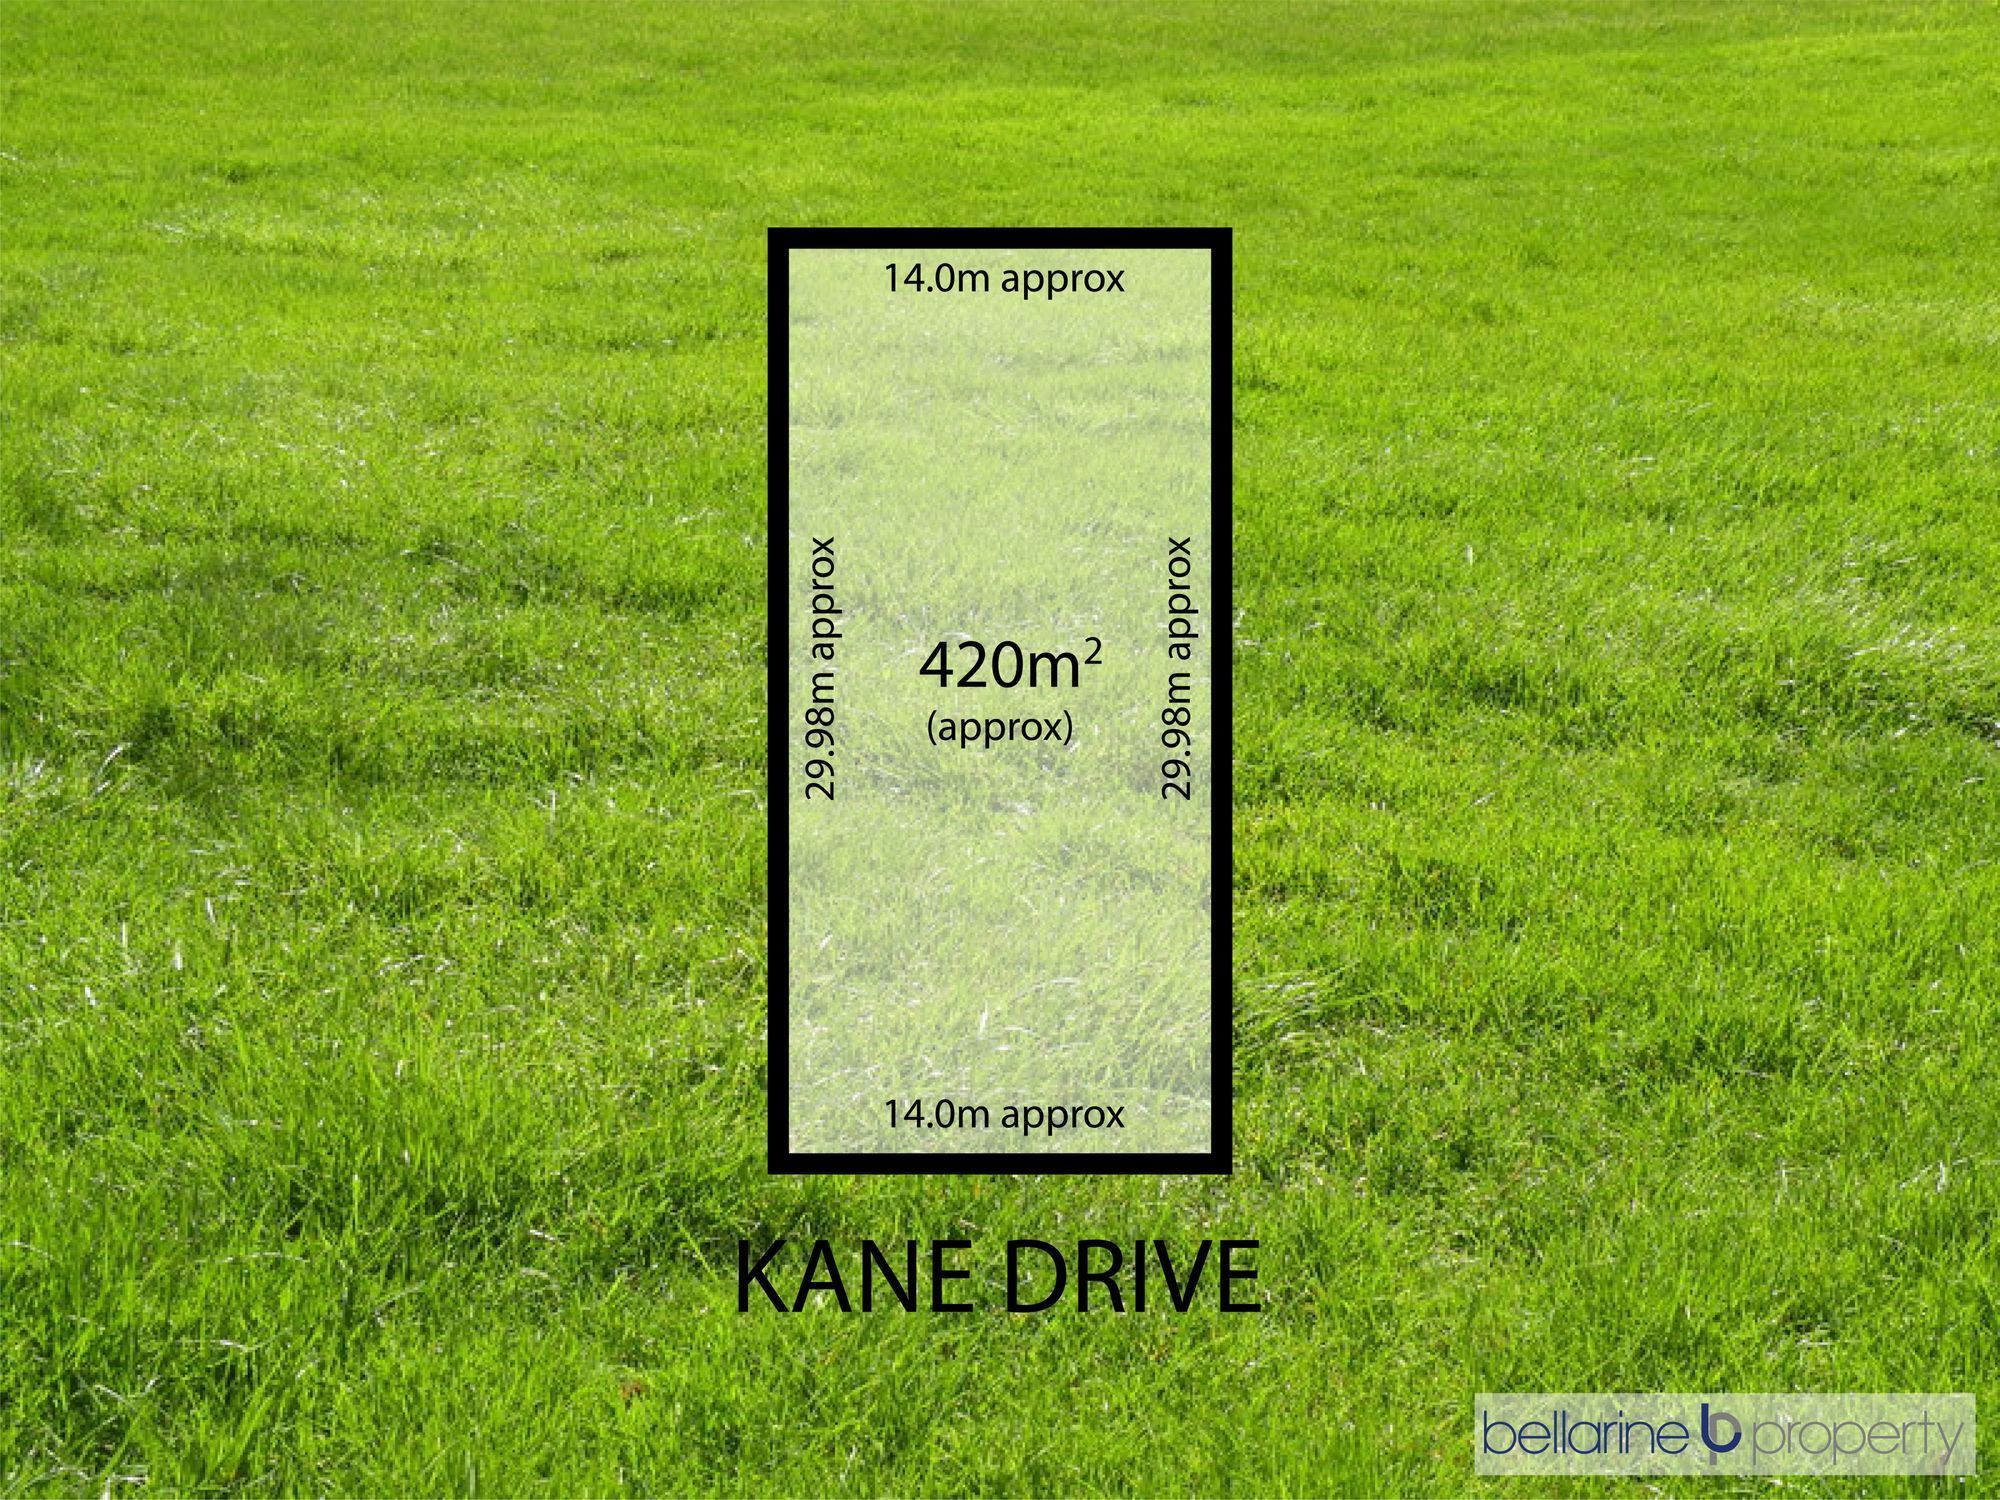 74 Kane Drive, St Leonards VIC 3223